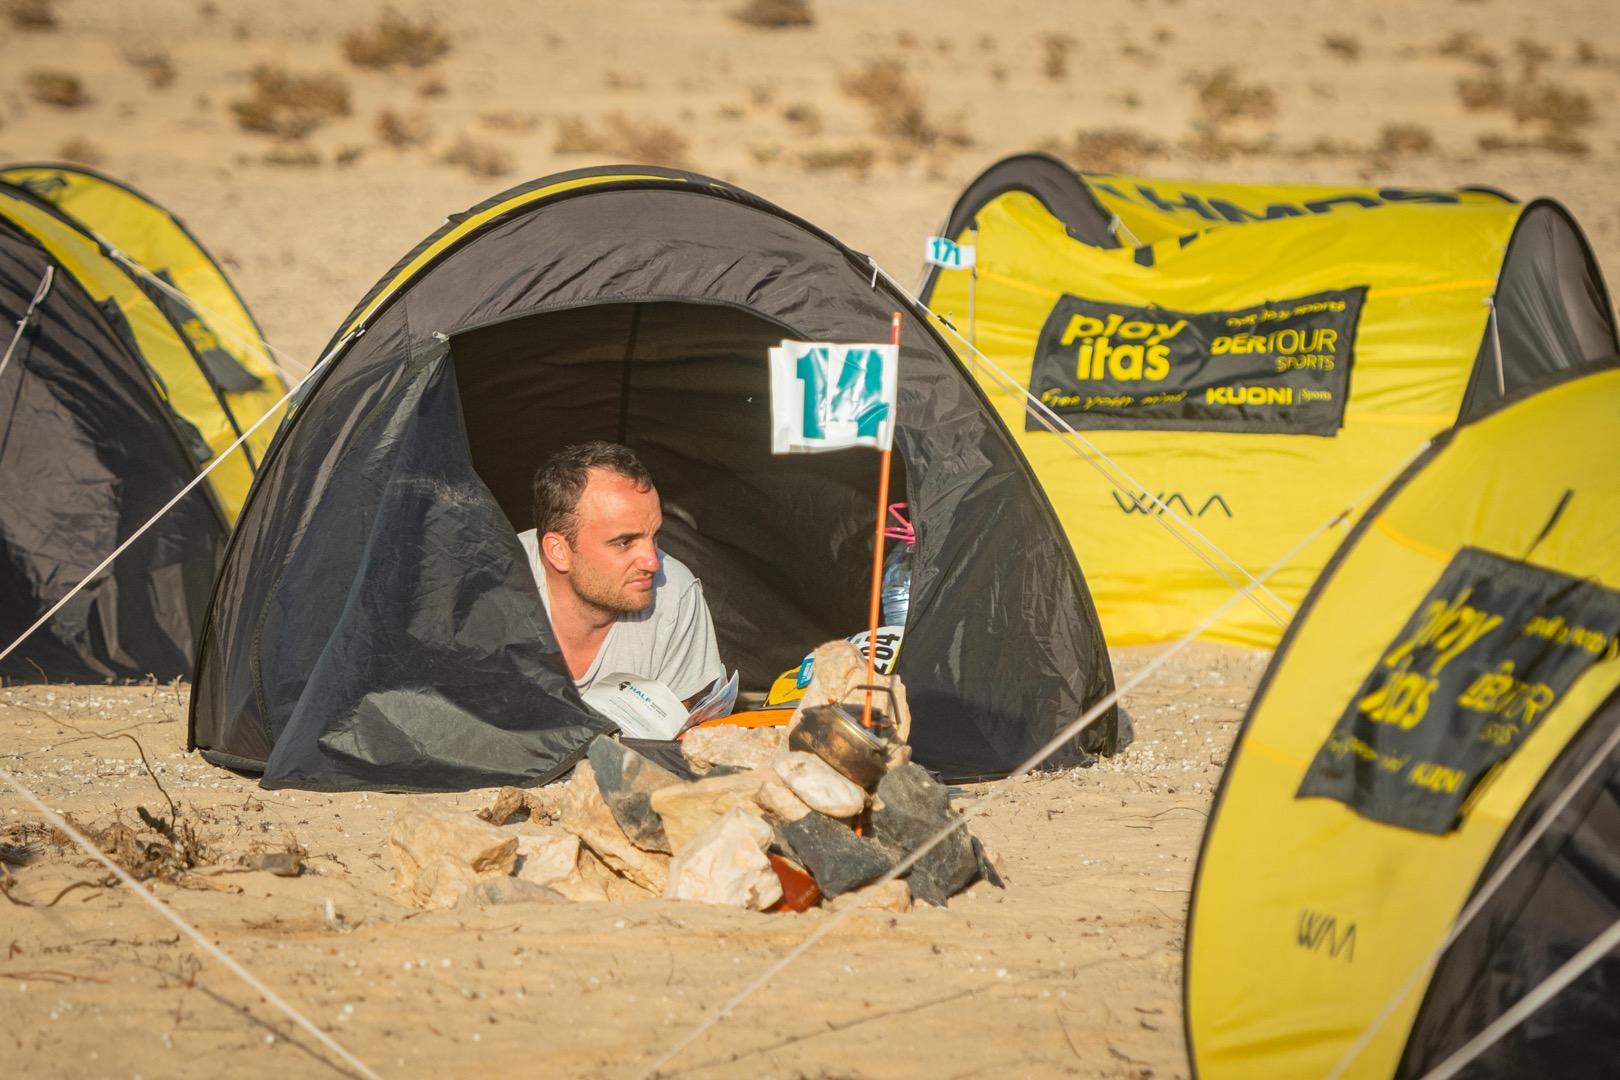 Tercera y última etapa  Half Marathon des Sables Fuerteventura